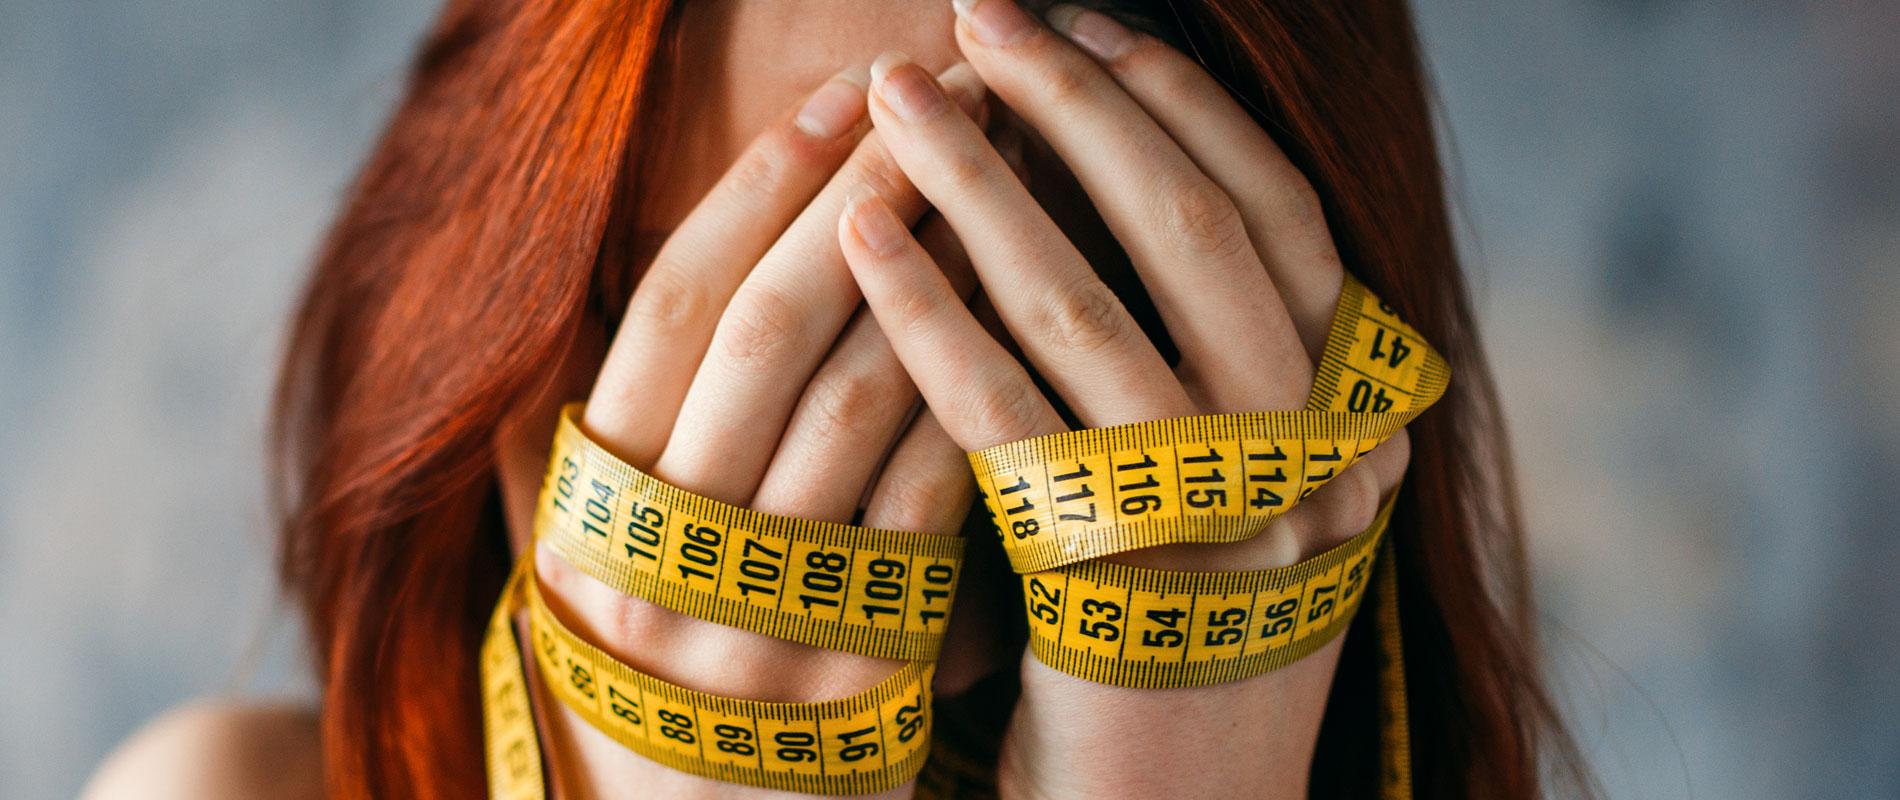 Odchudzanie - 13 powodów, dlaczego nie możesz schudnąć - sunela.eu